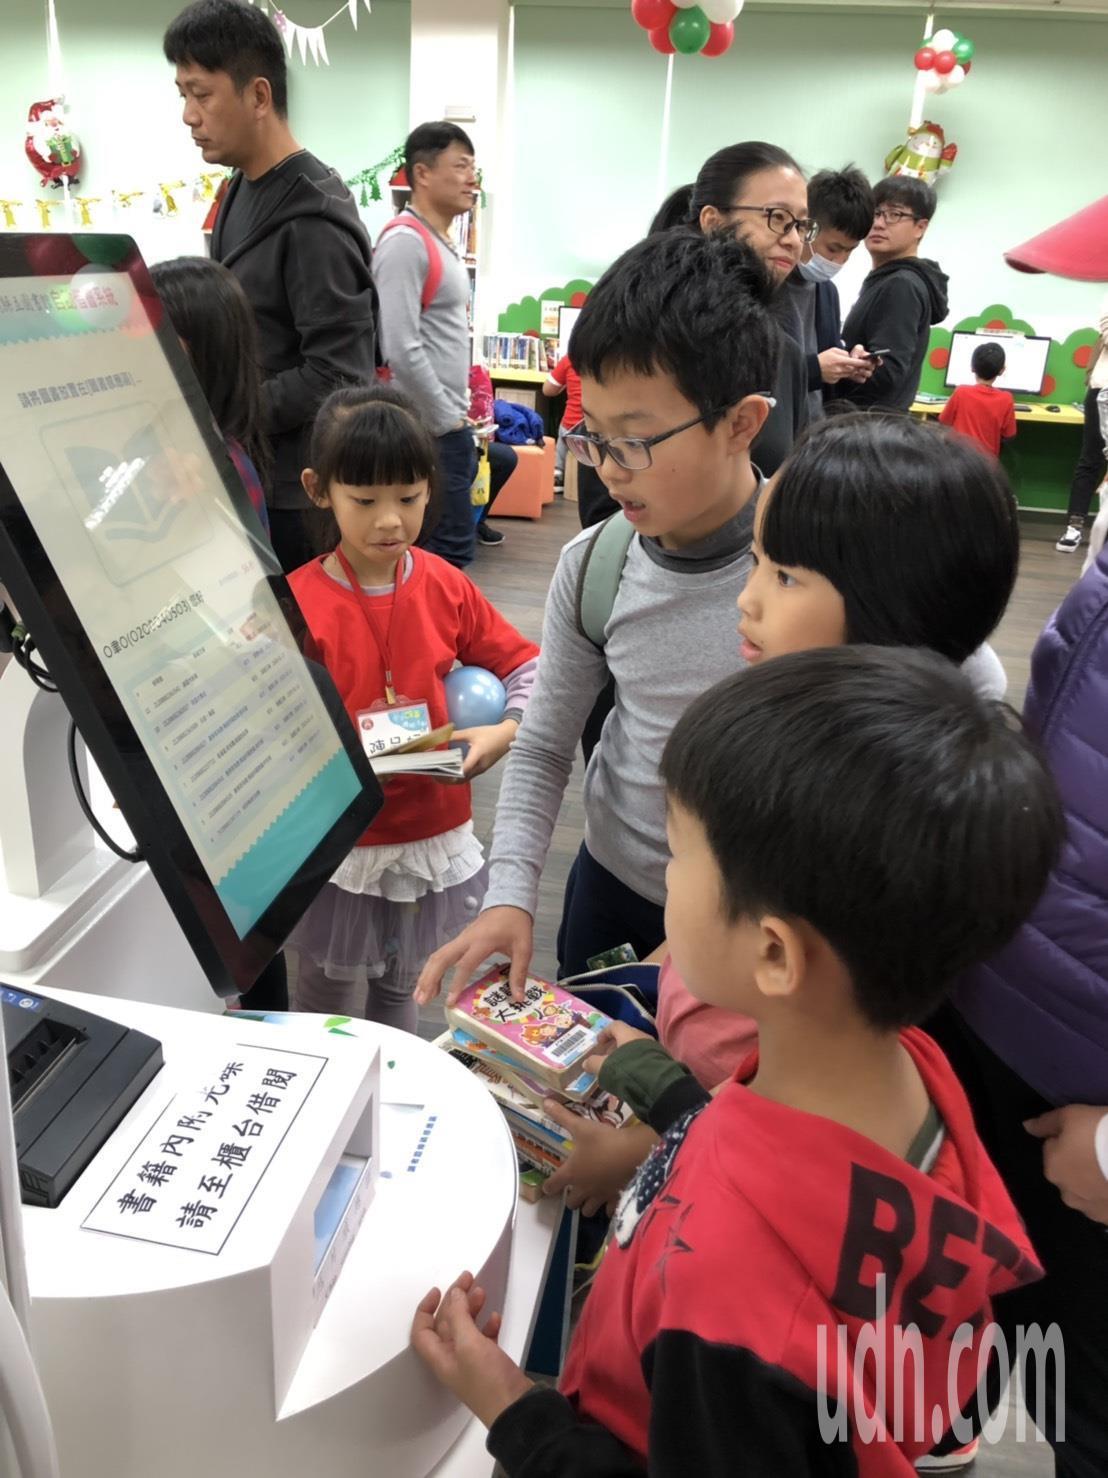 金门县立图书馆有自助借书机,小朋友抢先体验。记者蔡家蓁/摄影